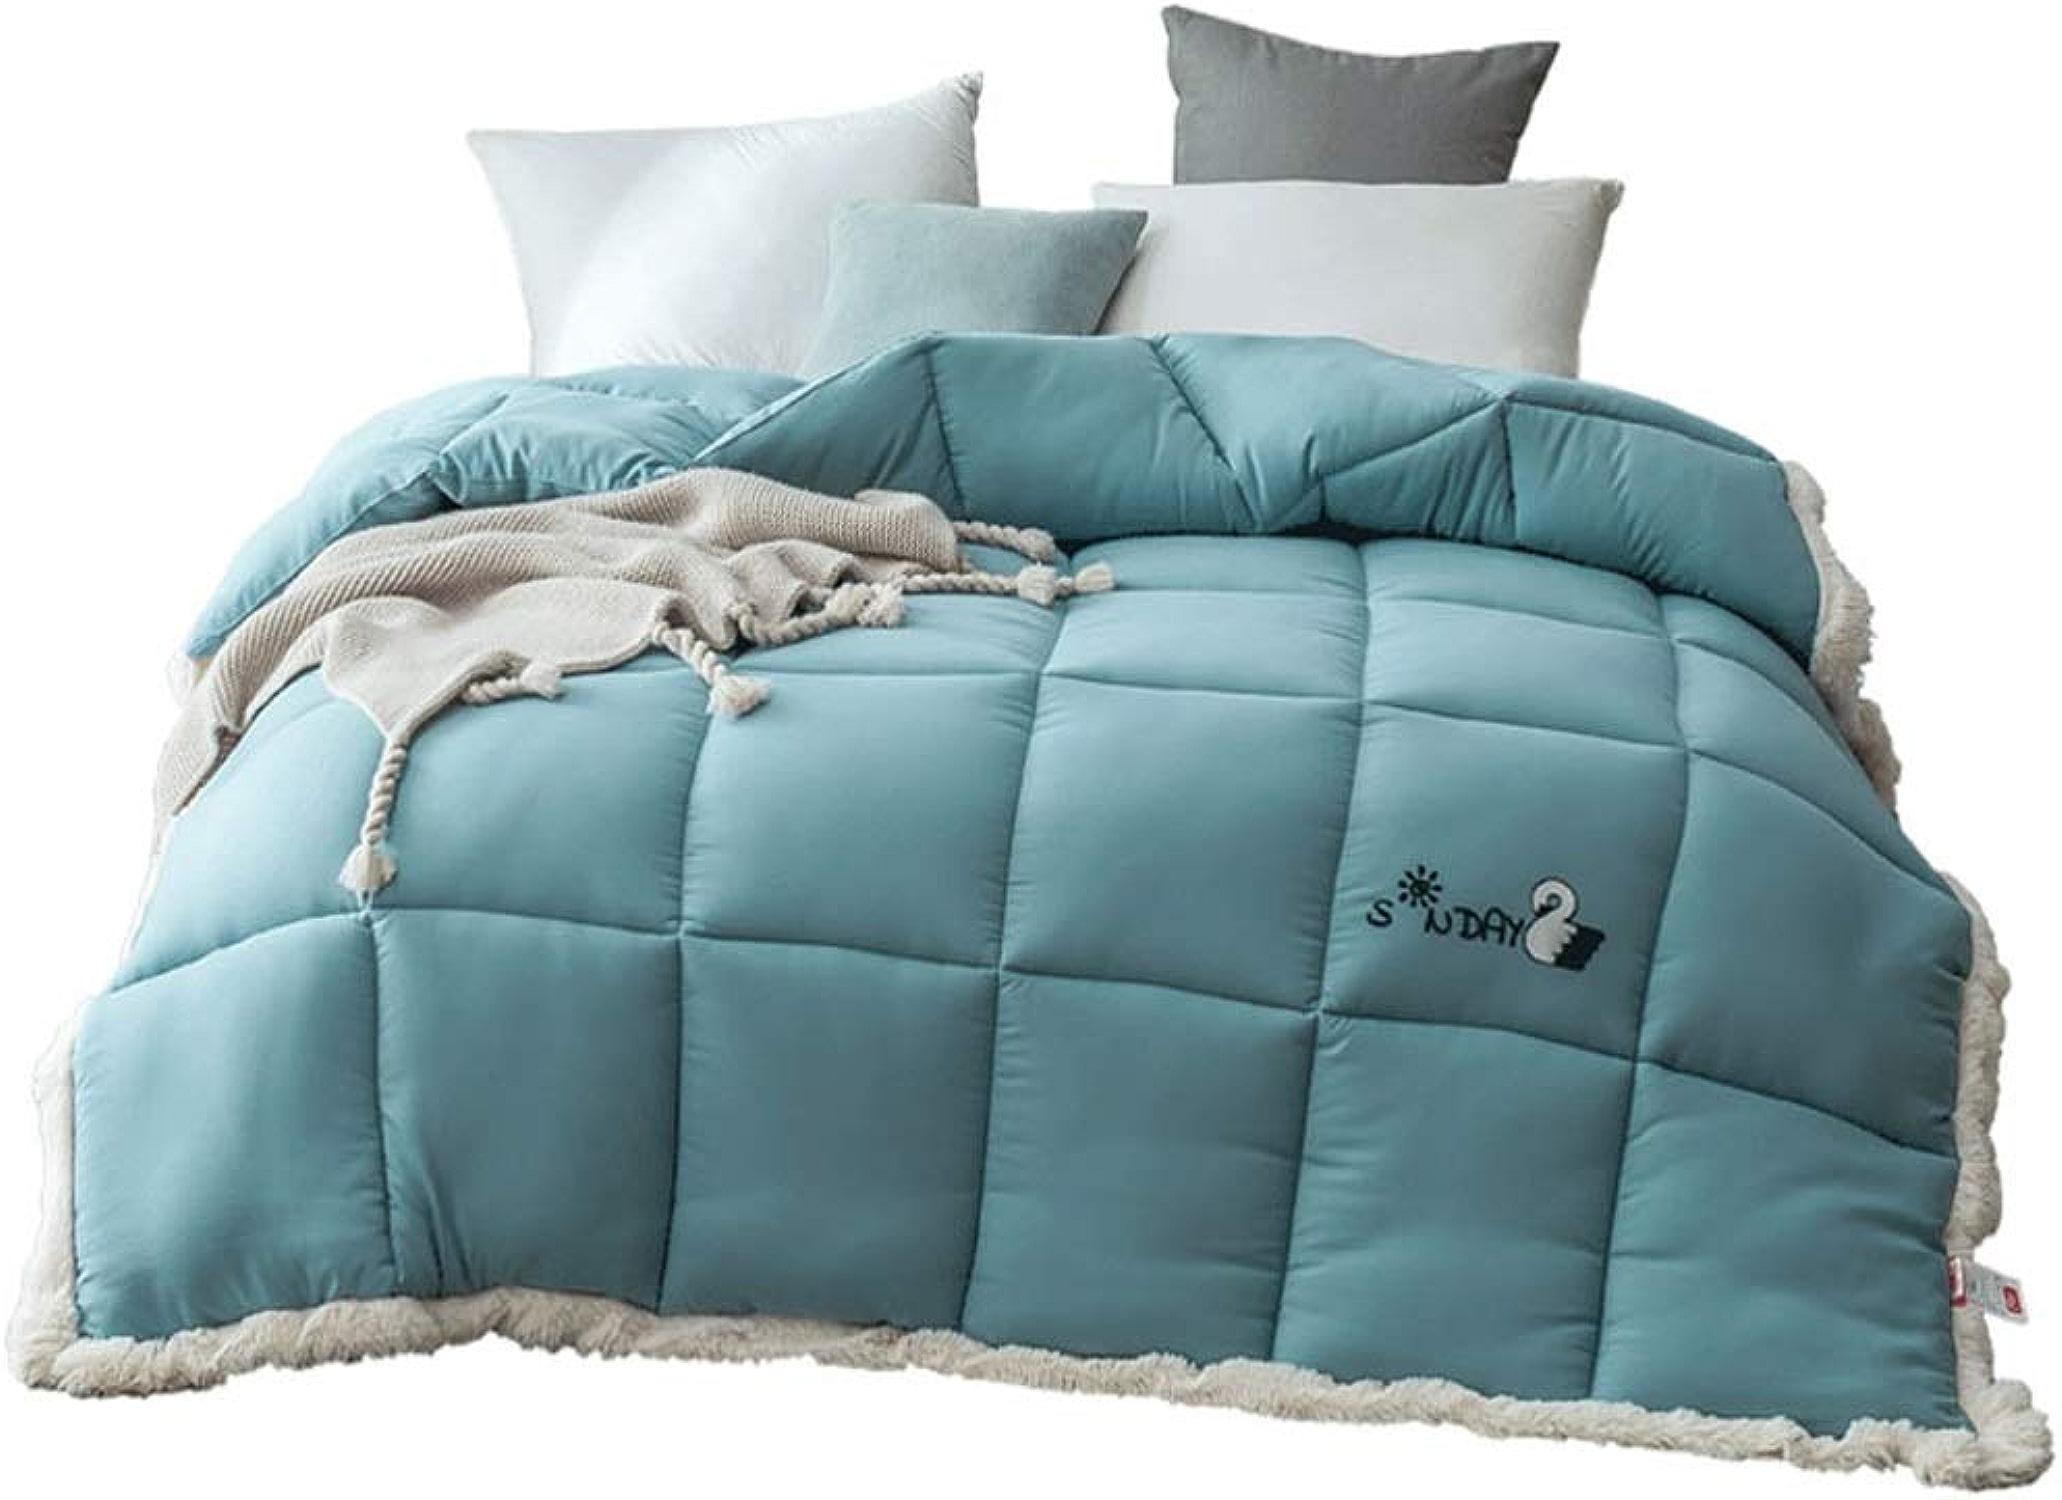 Couette Bleue 100% Polyester Couette Chaude épaisse Anti-Allergique Unique Double dortoir étudiant Toutes Saisons